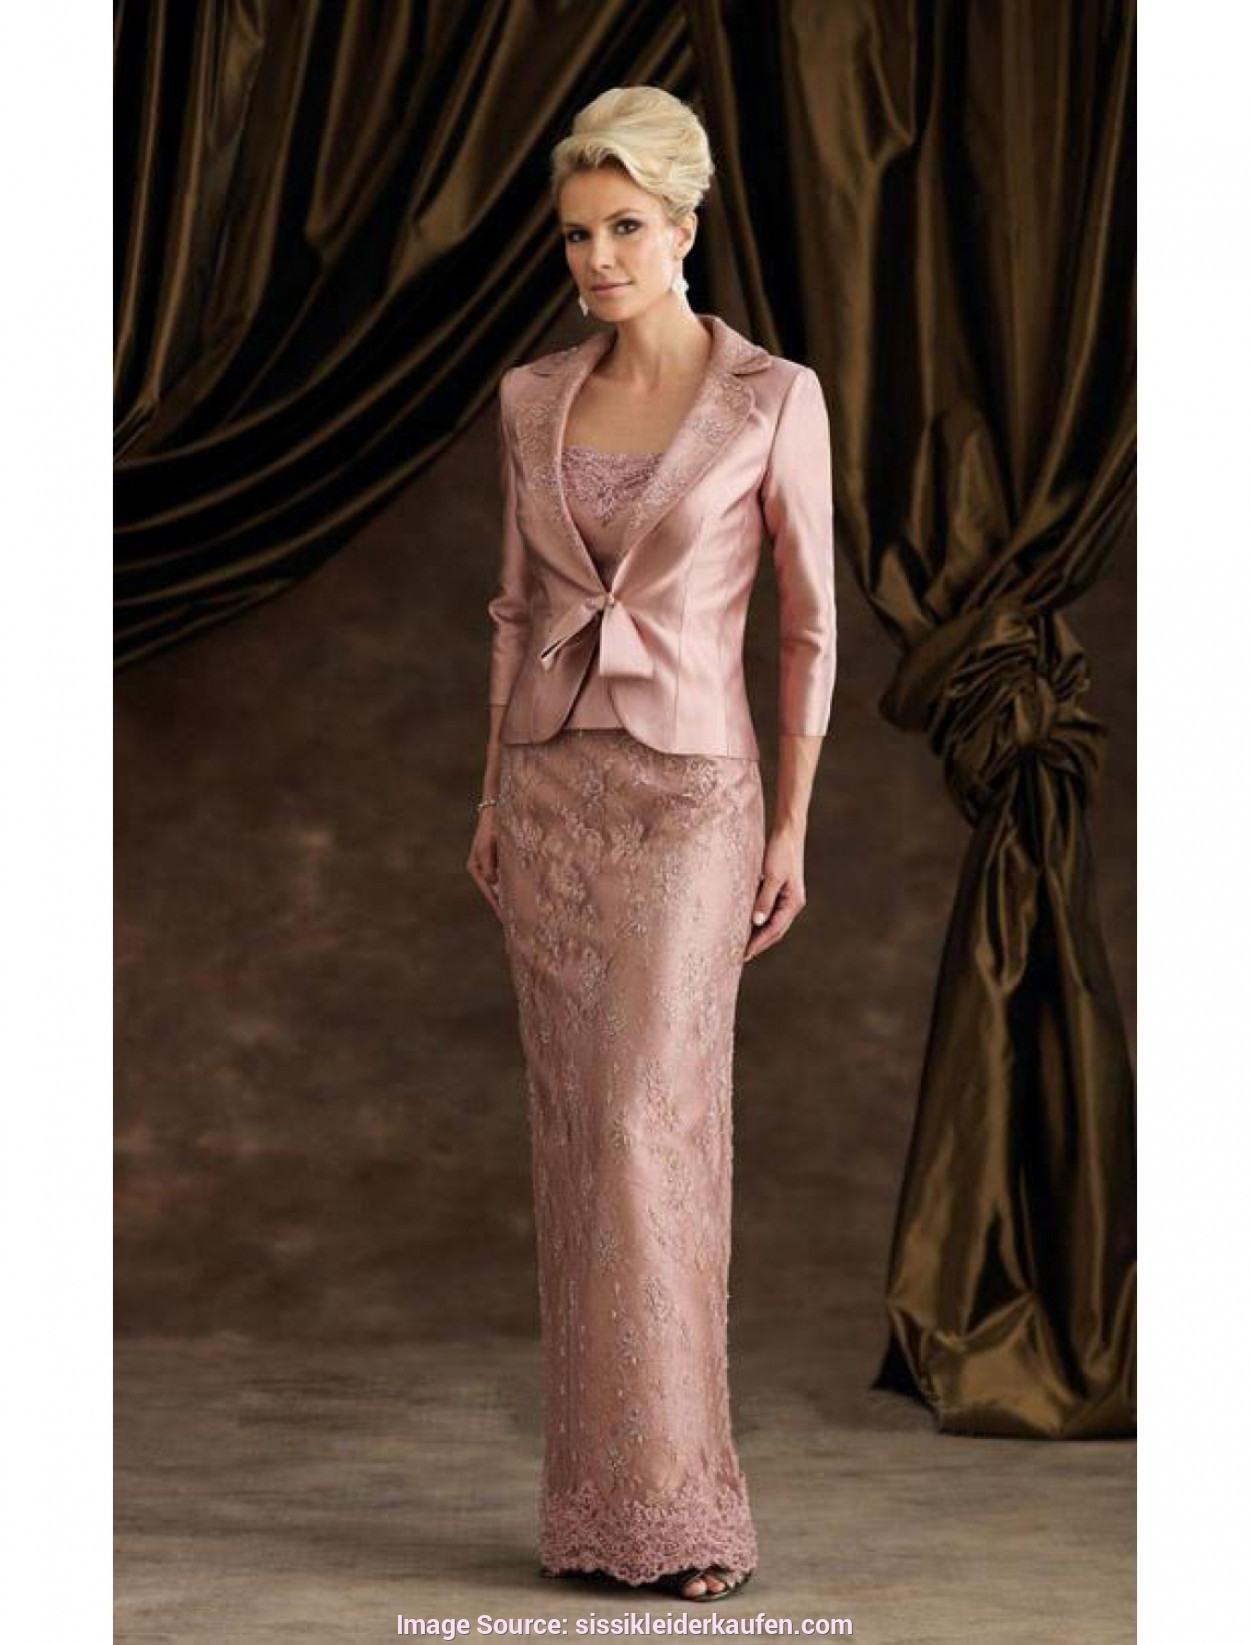 Abend Coolste Kleid Für Ältere Damen GalerieFormal Fantastisch Kleid Für Ältere Damen Stylish